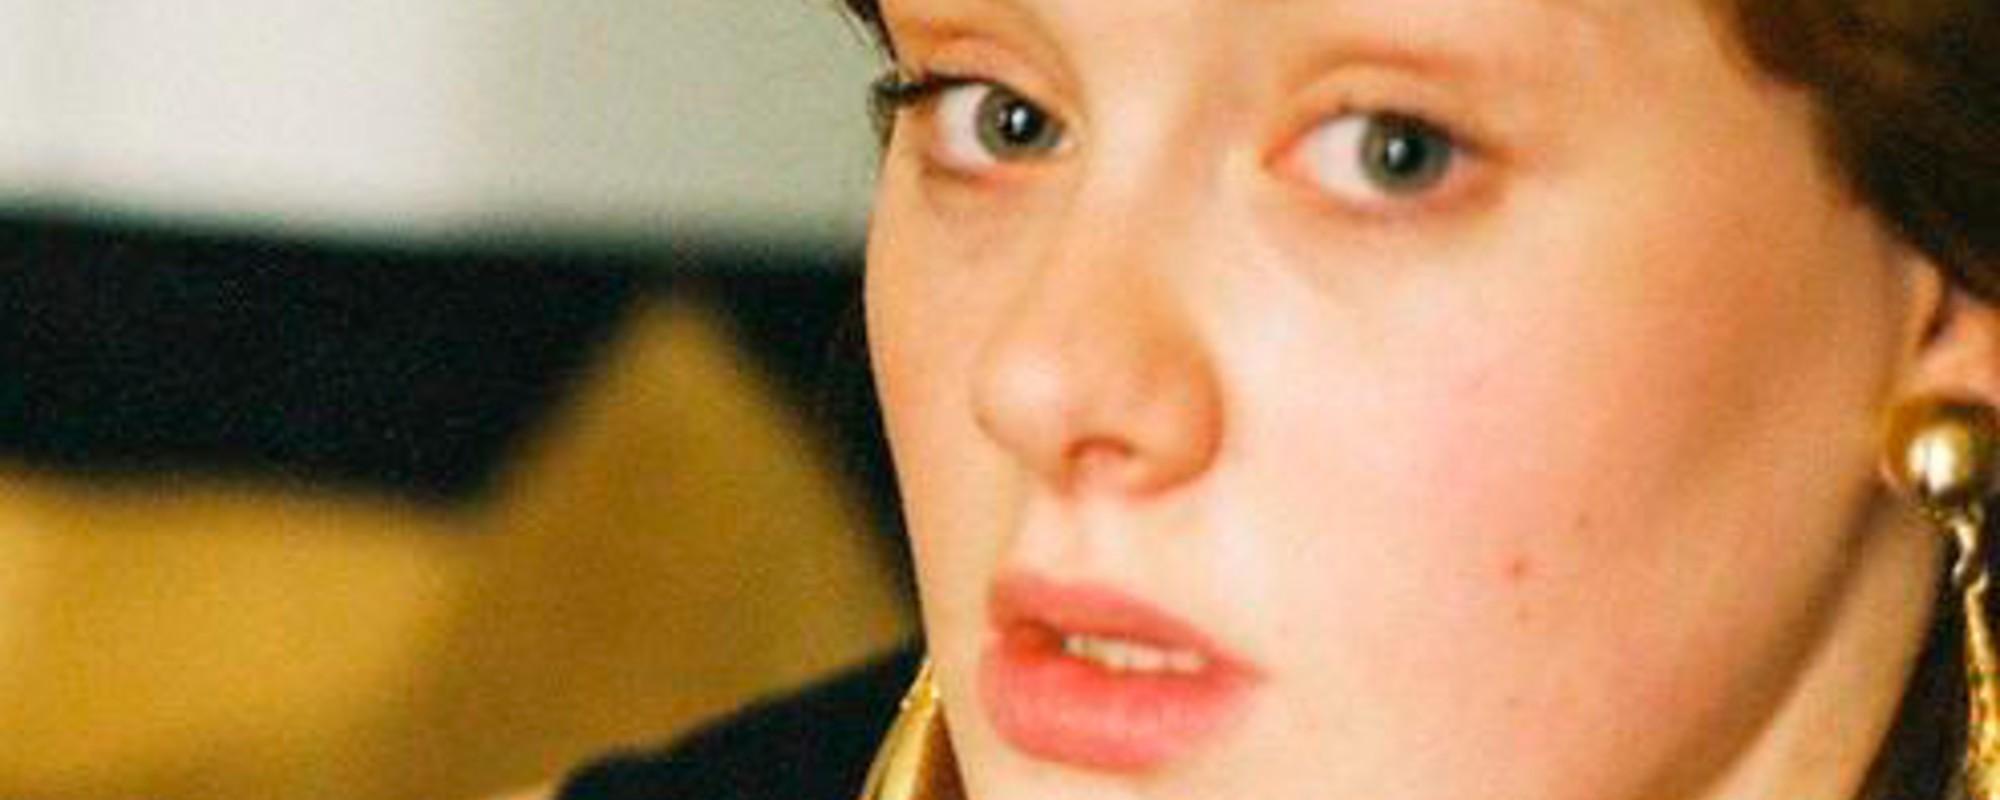 Fotos de Adele, Dev Hynes y The Horrors antes de que fueran famosos